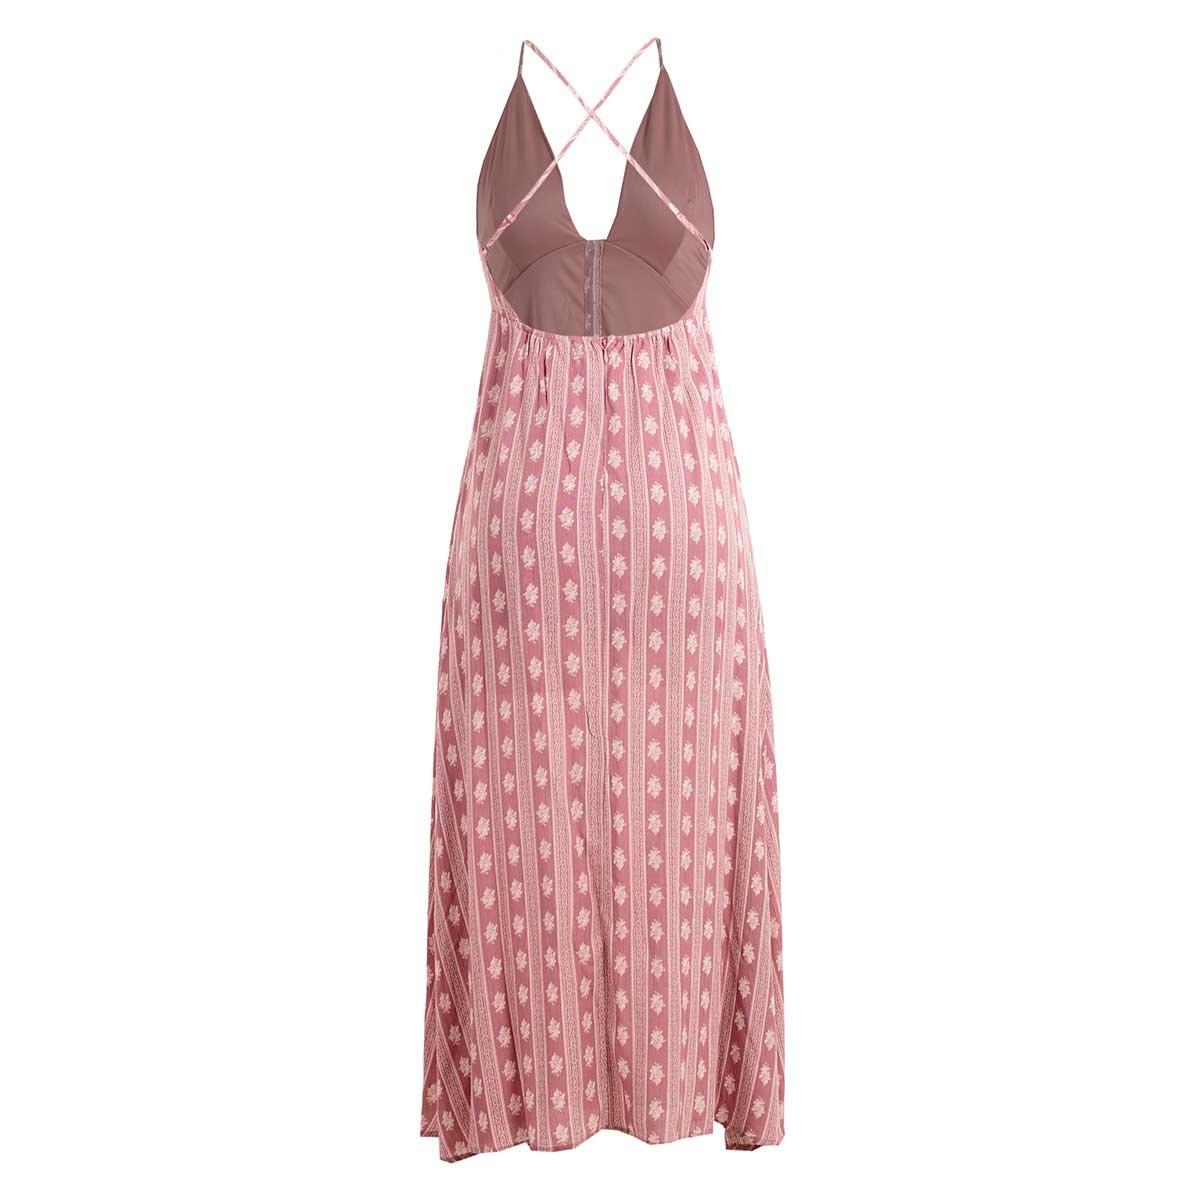 Fantástico Vestidos De Fiesta De Sears Composición - Colección de ...